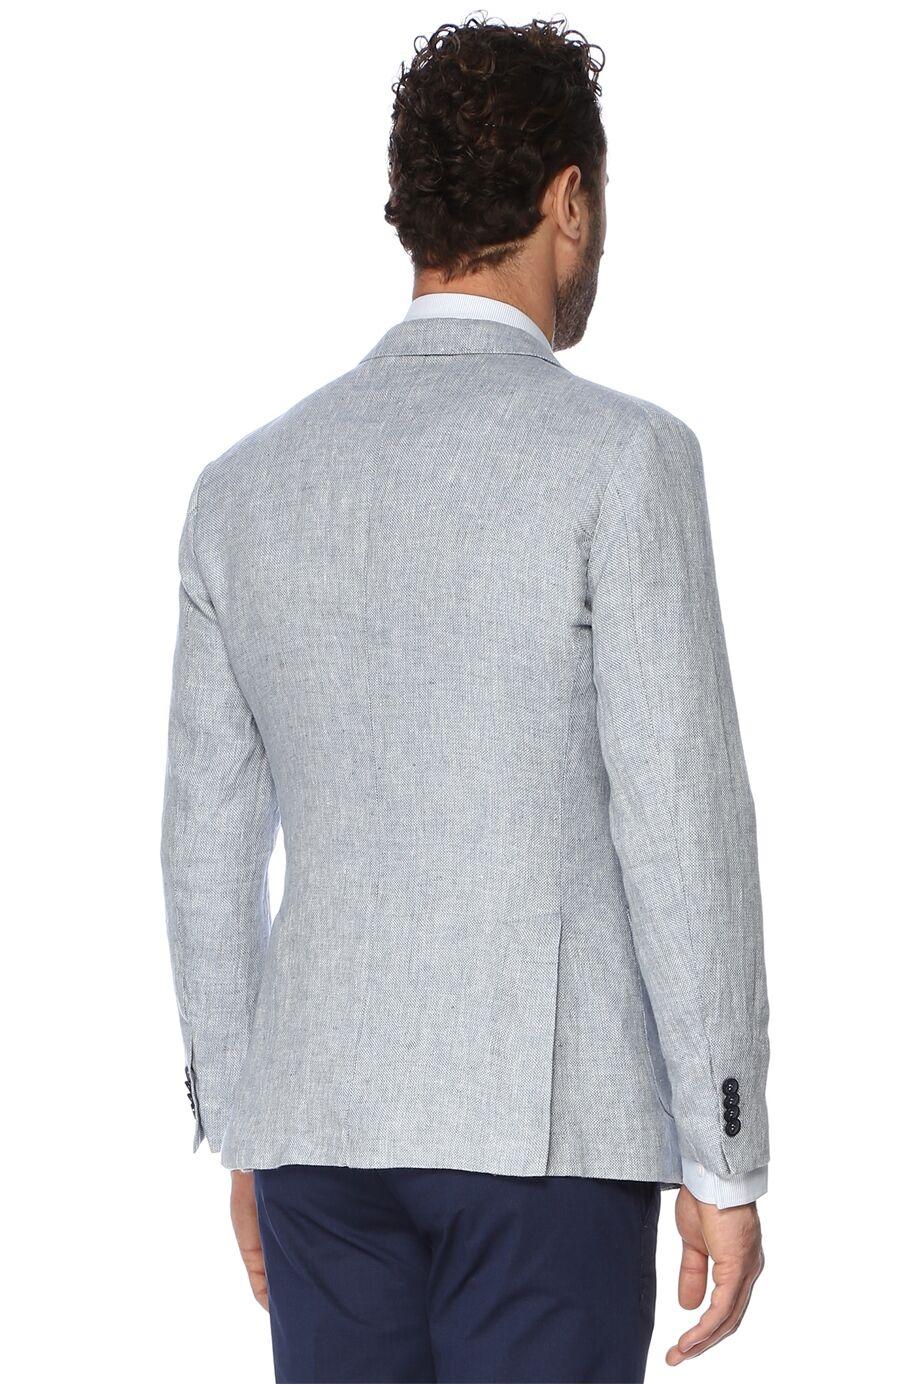 Jakarlı Açık Mavi Ceket